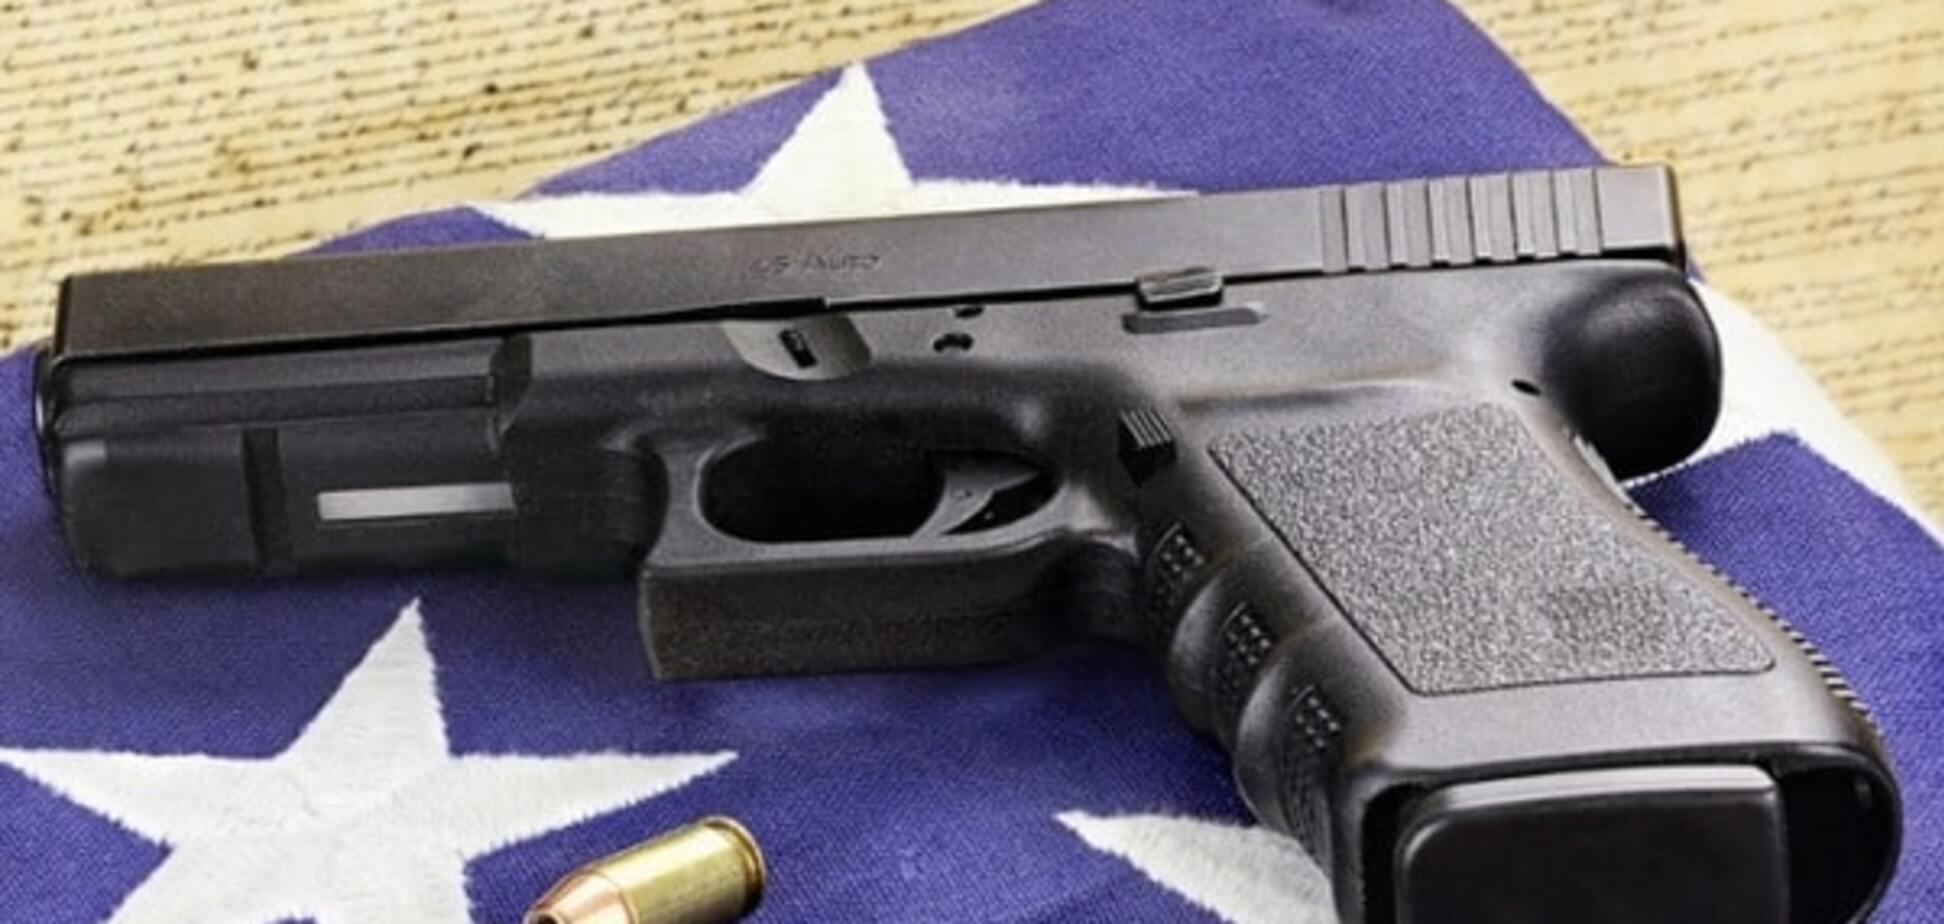 Епідемія зброї: ринок зброї в Україні через призму дебатів кандидатів у Президенти США